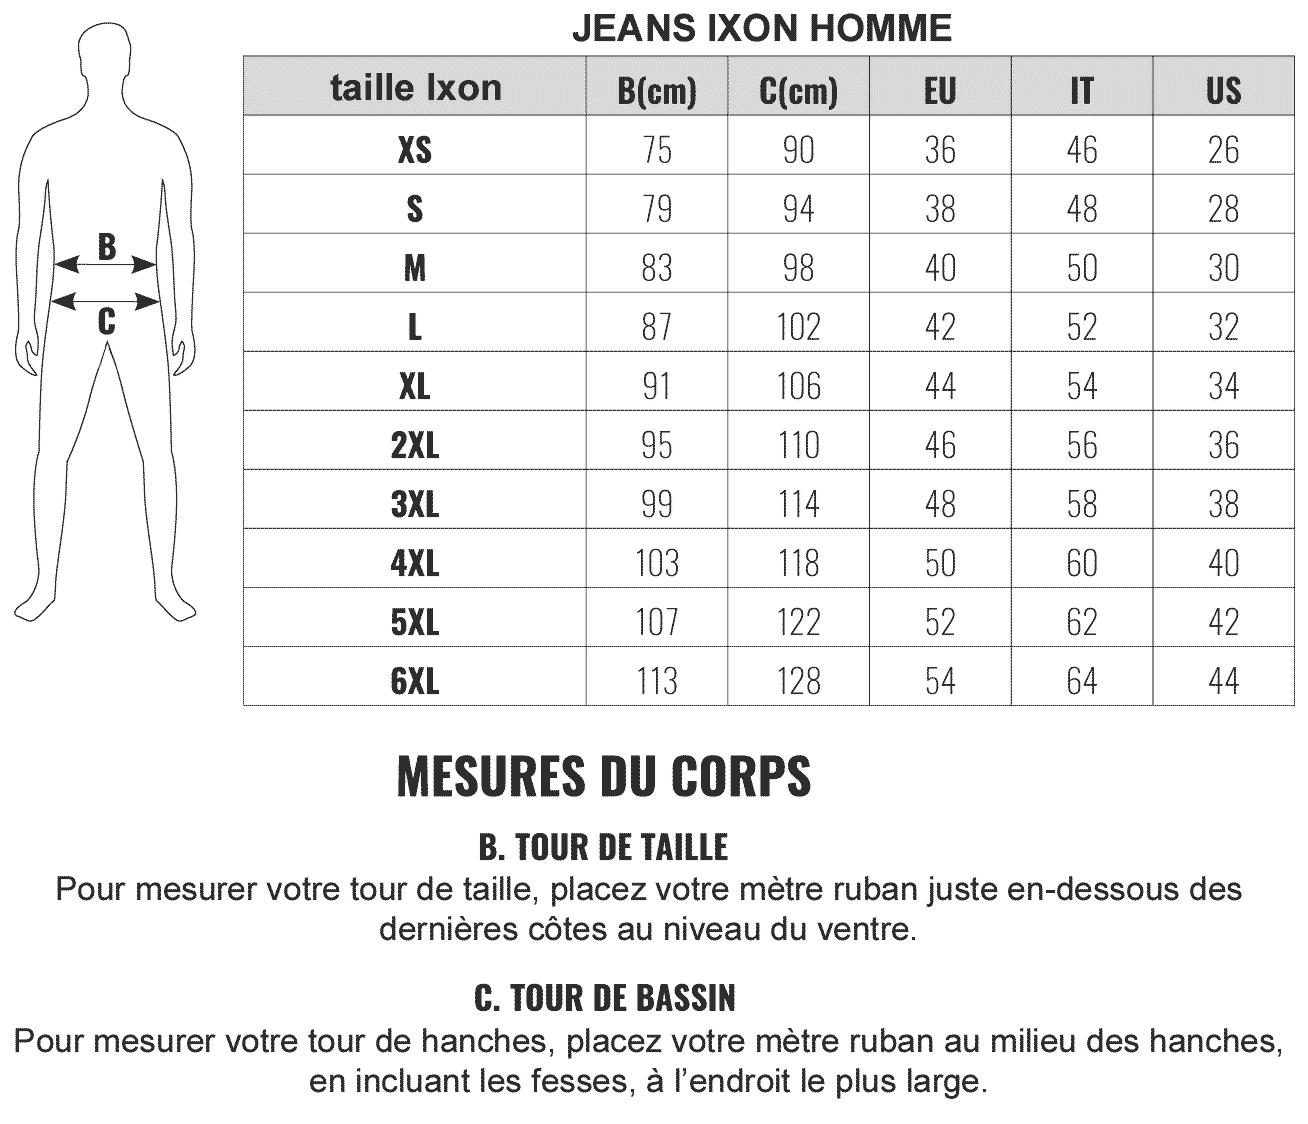 Guide des tailles jeans Ixon homme, pantalon